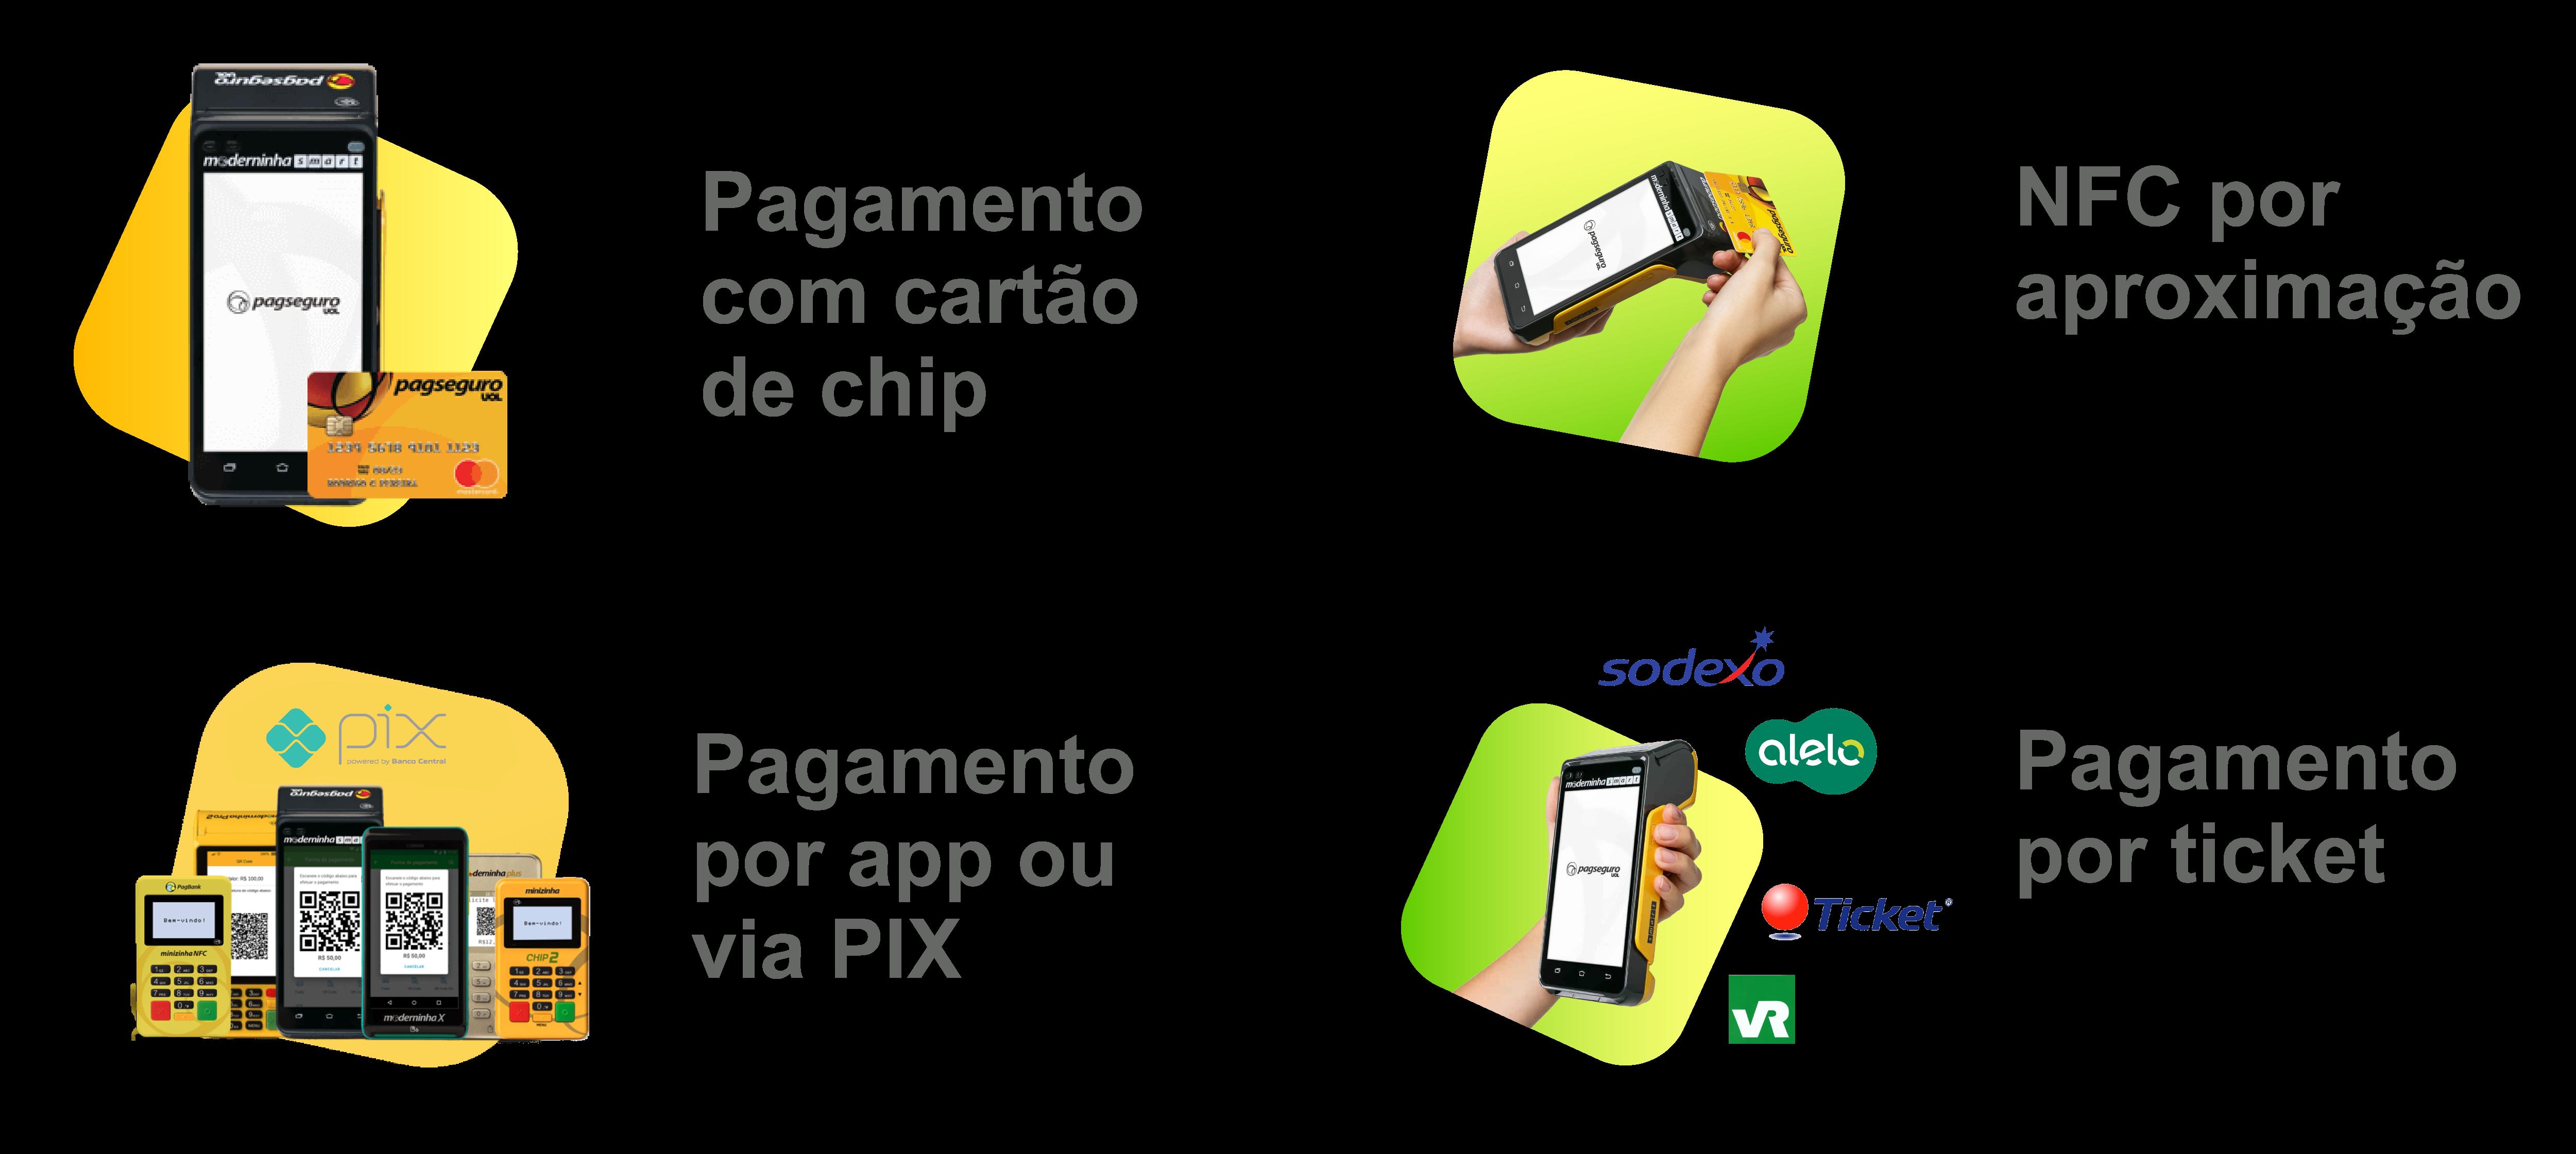 Pagamento Moderninha Smart Maquininhas de Cartoes